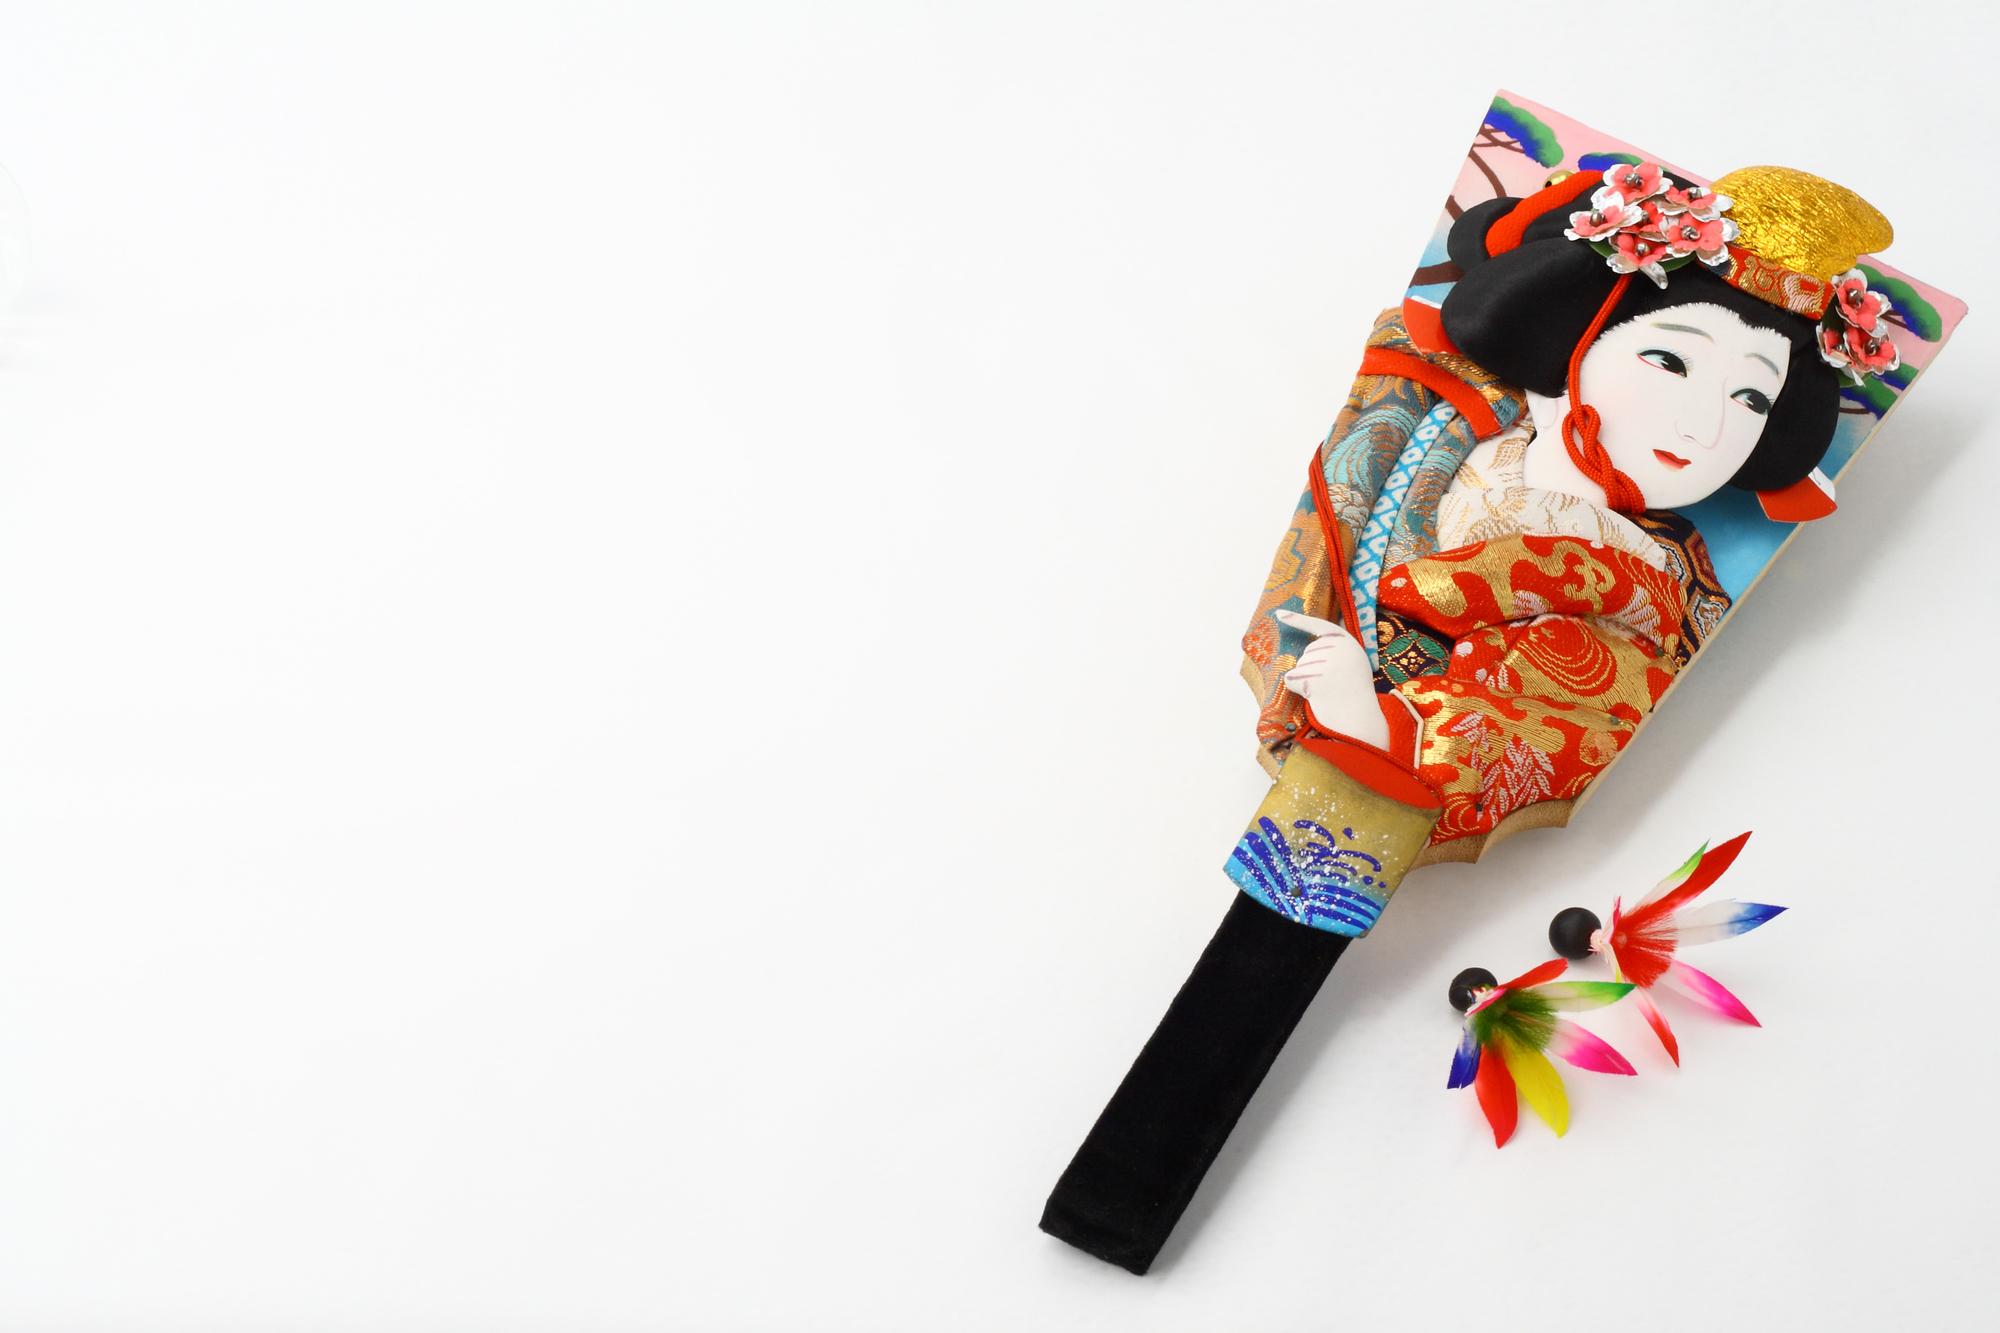 羽子板や凧揚げ、お正月ならではの楽しい遊び方